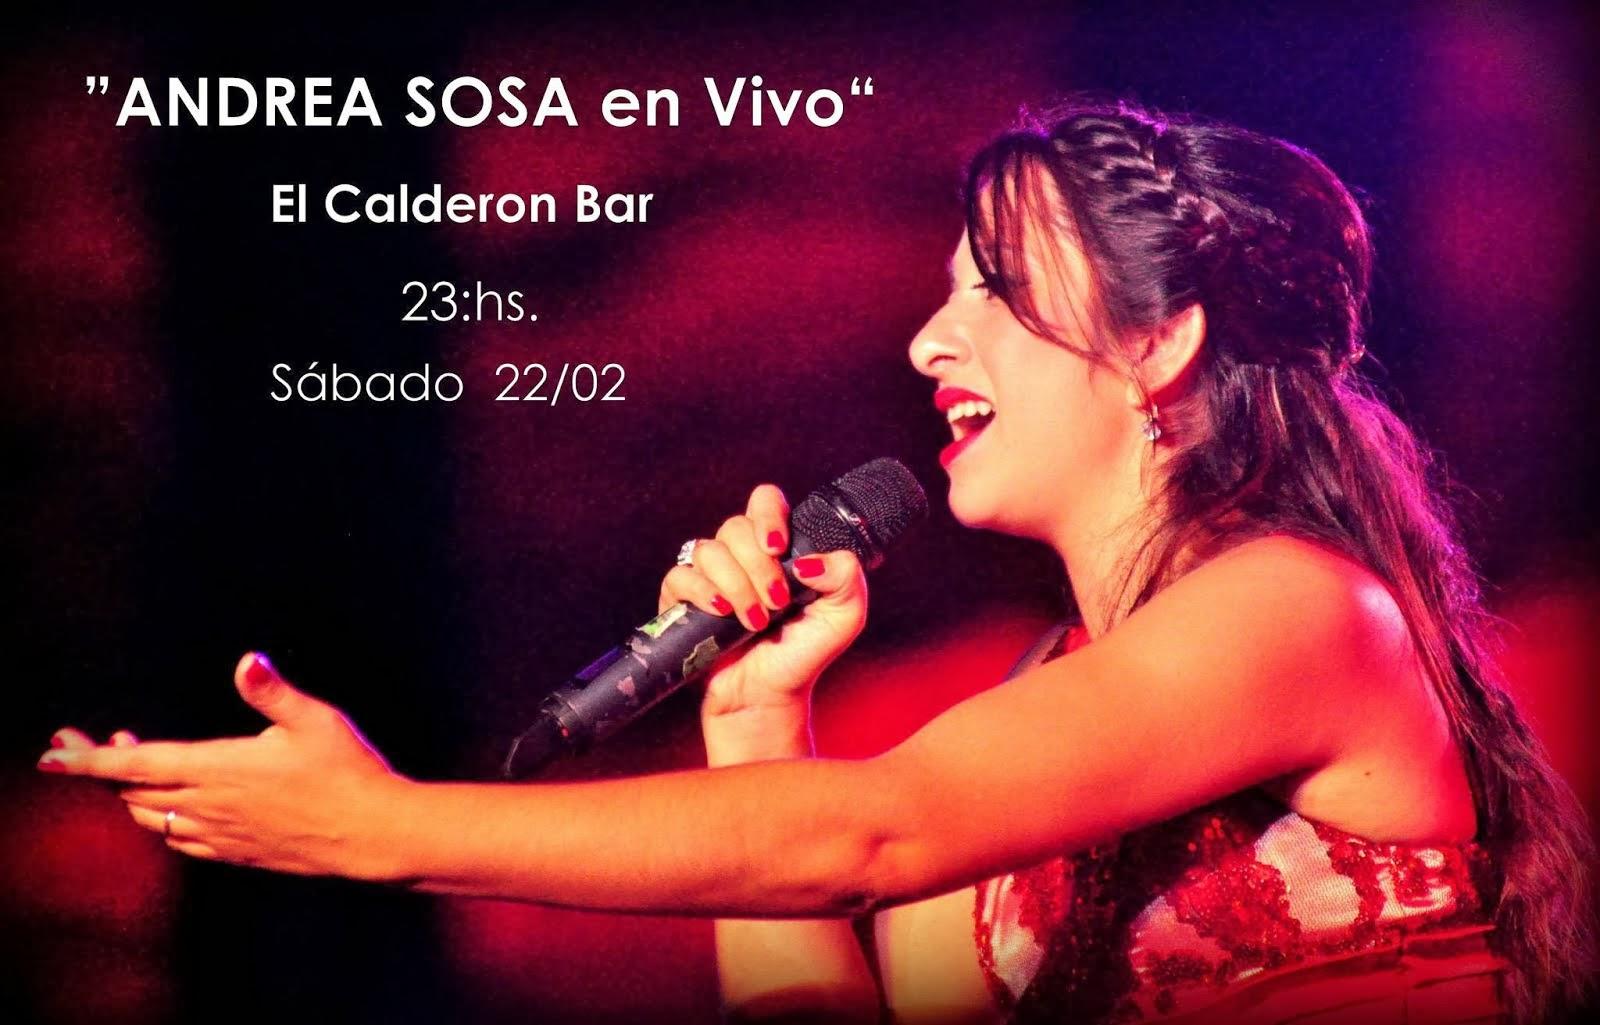 Andrea Sosa en vivo en El Calderón Bar+Chamame